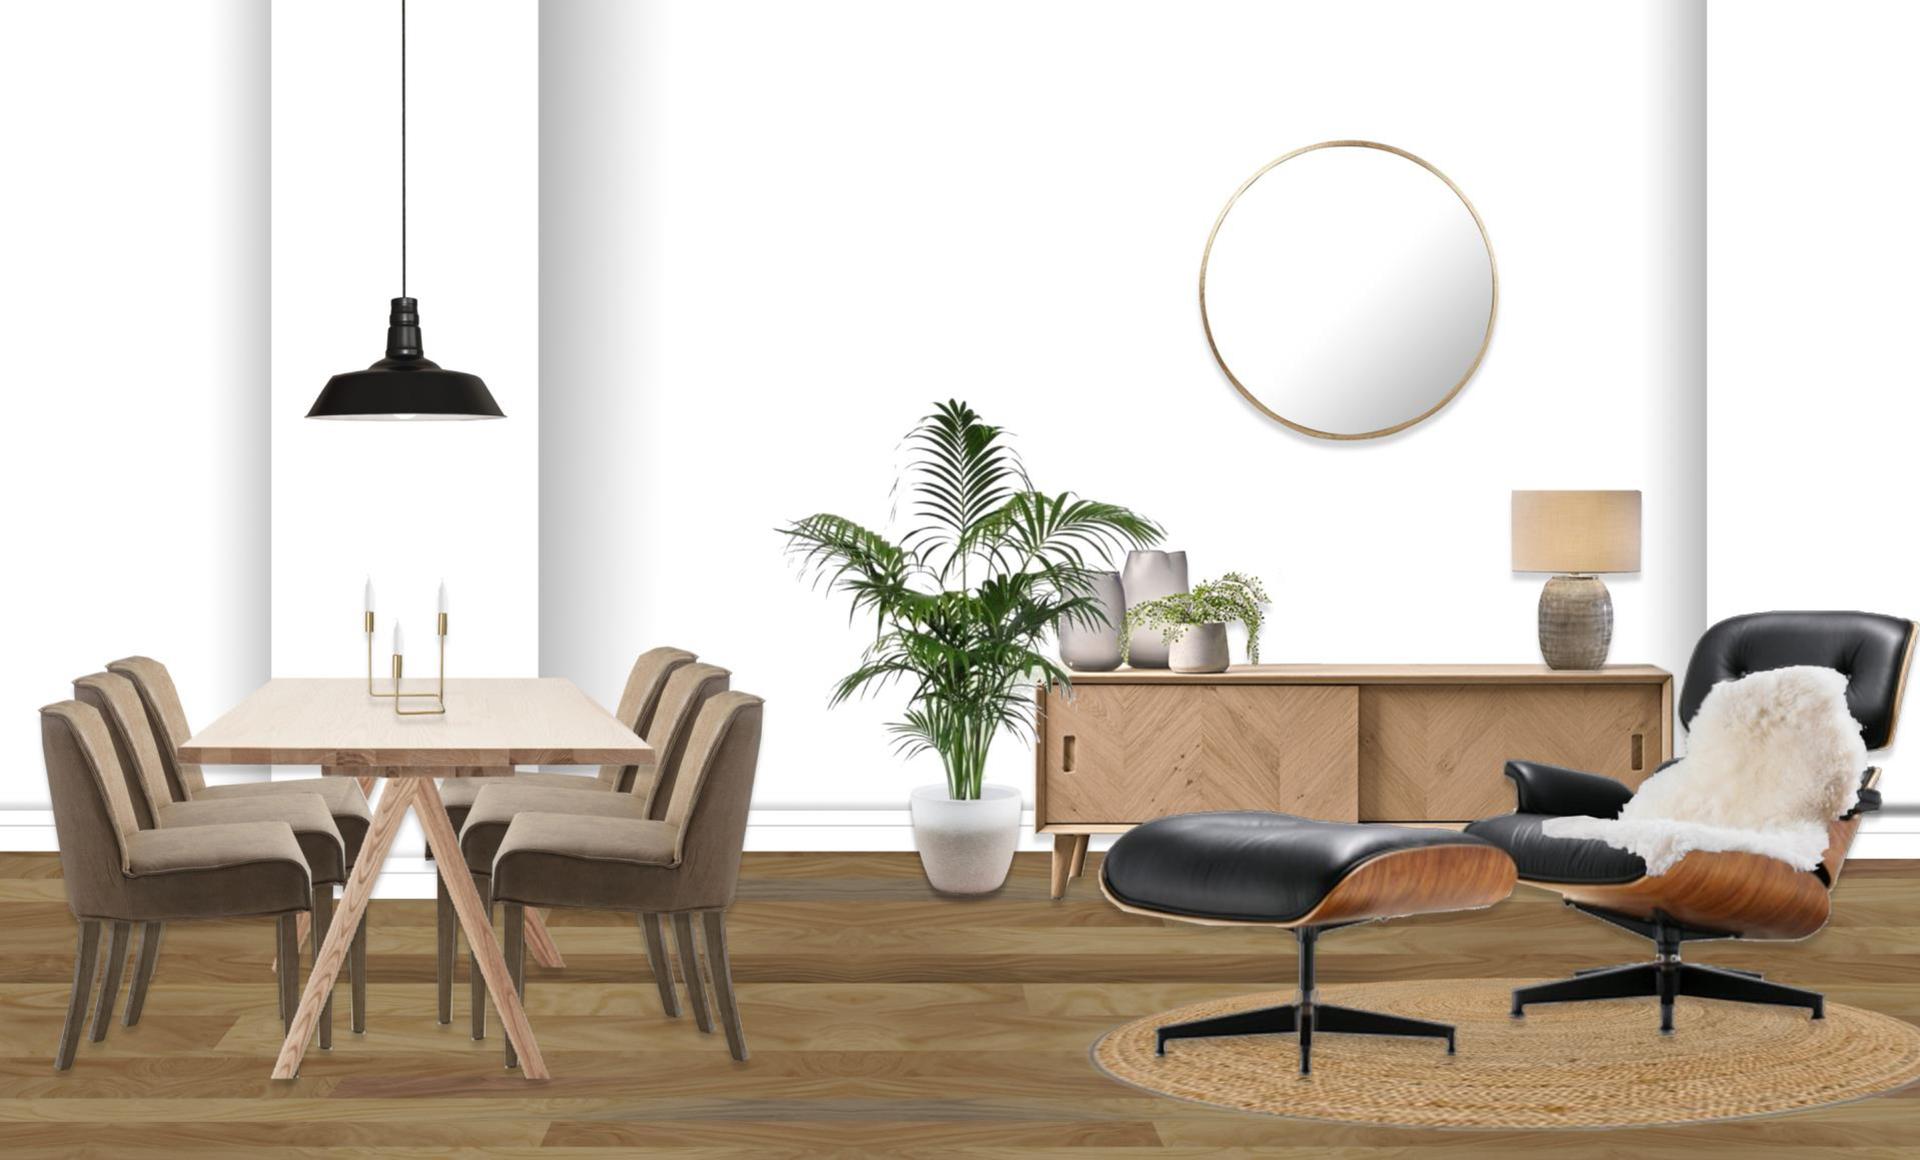 Olivia's op living dining room   final design 5